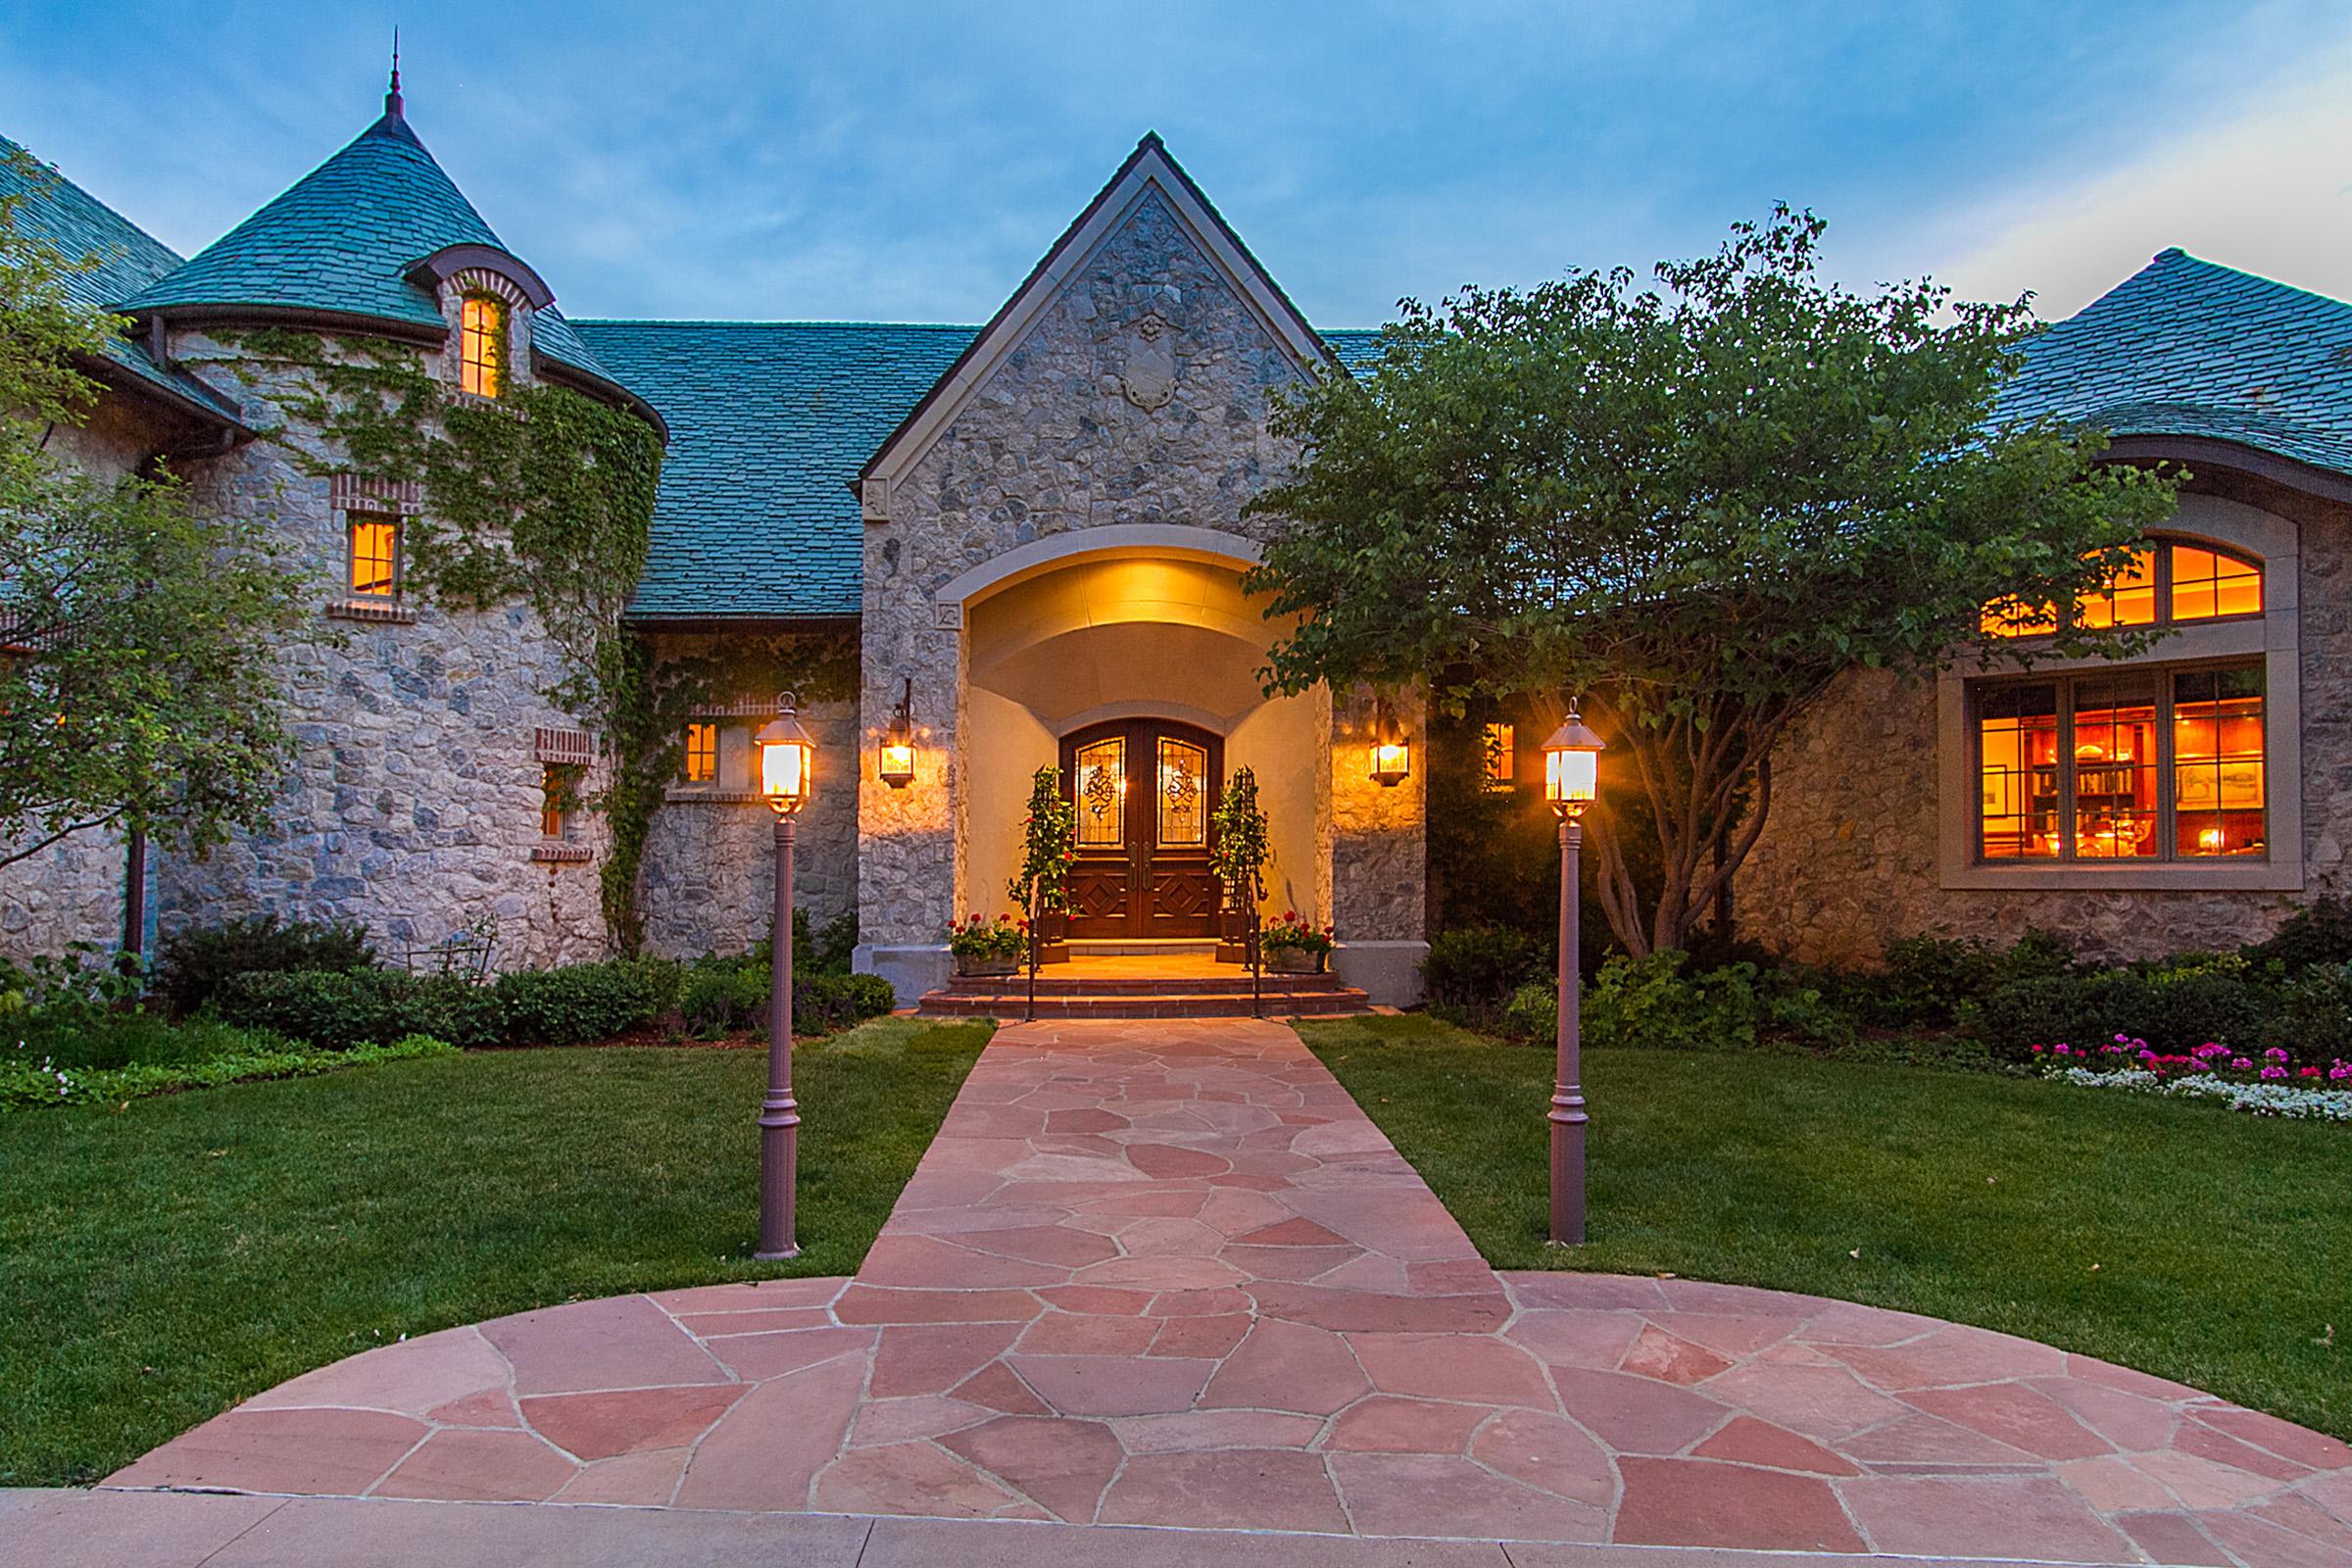 一戸建て のために 売買 アット Greystone Manor Boasts Spectacular Mountain Views 22 Cherry Hills Park Drive Cherry Hills Village, コロラド 80113 アメリカ合衆国